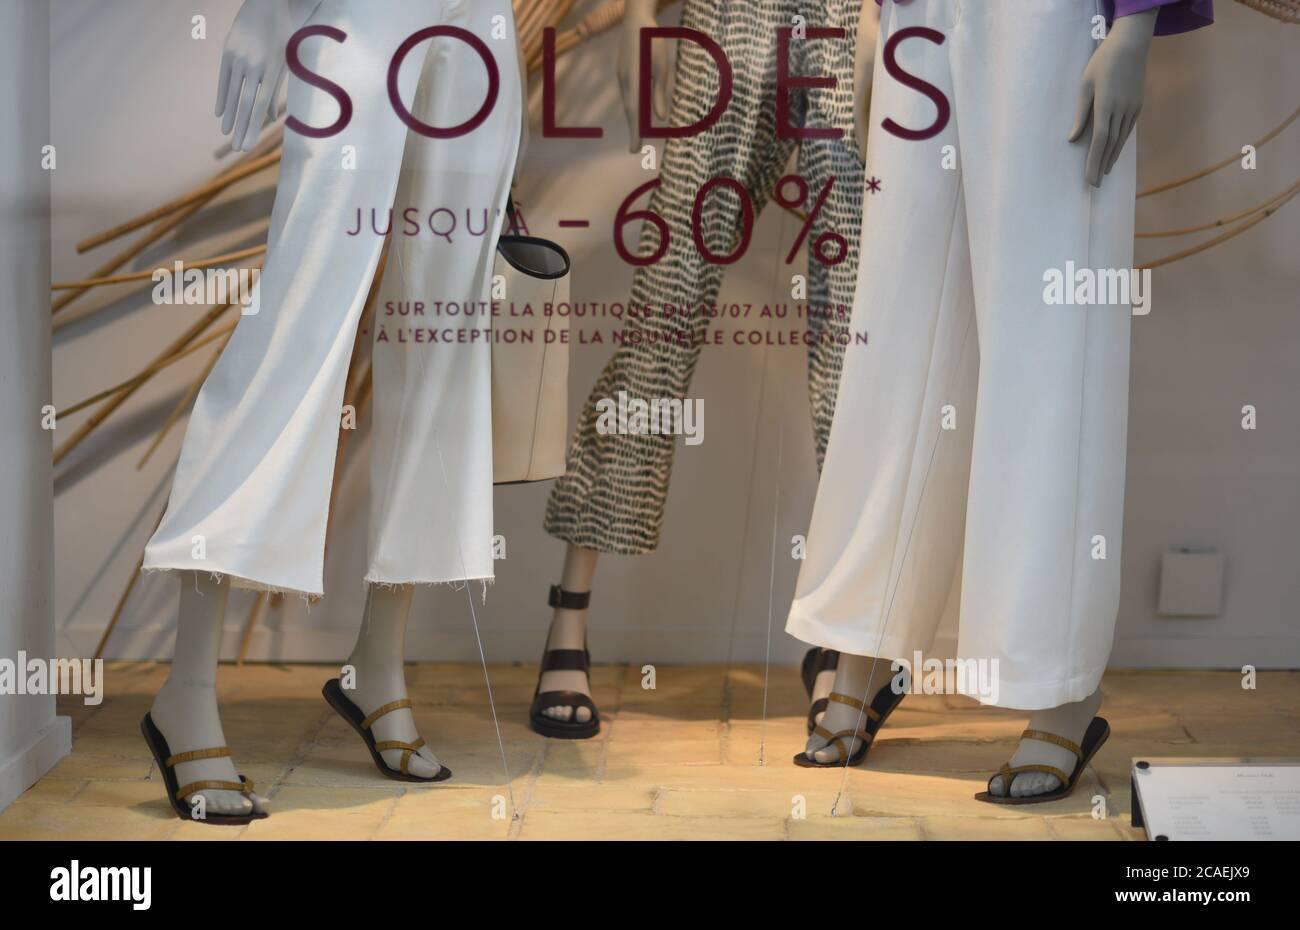 """*** STRICTEMENT AUCUNE VENTE AUX MÉDIAS OU ÉDITEURS FRANÇAIS - DROITS RÉSERVÉS ***03 août 2020 - Paris, France: Fenêtre avant d'un magasin de détail lisant """"ventes jusqu'à moins 60 pour cent"""" près de la place de la Madeleine. Les magasins de luxe de Paris sont gravement touchés par la crise Covid, les touristes riches restant loin en raison des restrictions de voyage et des craintes du coronavirus. Une vitrine de promotion des soldes dans une boutique pres de la place de la Madeleine. Les boutiques de luxe font face à une chute de leur clientèle traditionnelle du fait de la caisse du Covid-19 et des restrictions de voyage. Banque D'Images"""